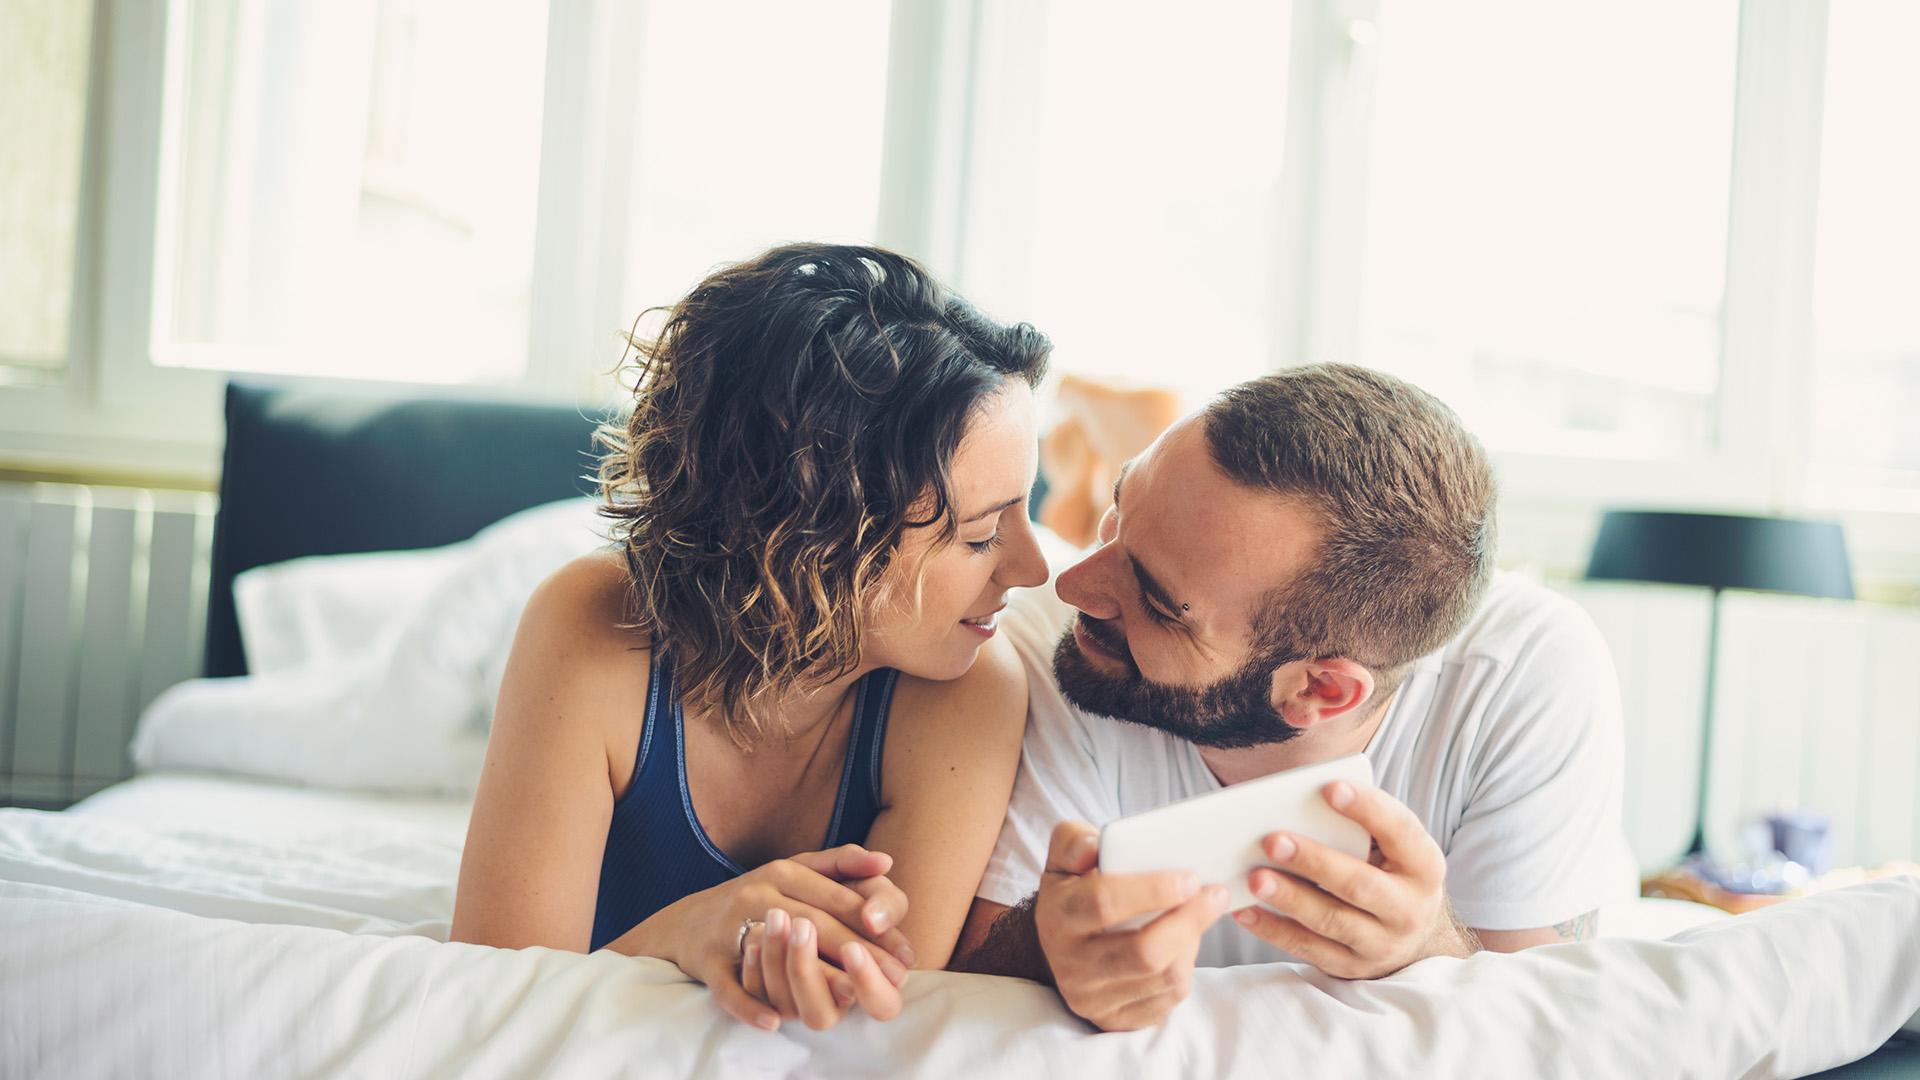 b. molnár márk cyber hálószobatitkok káma-szútra makai gábor pszichoterapeuta szakpszichológus szex szexuális élet vágy